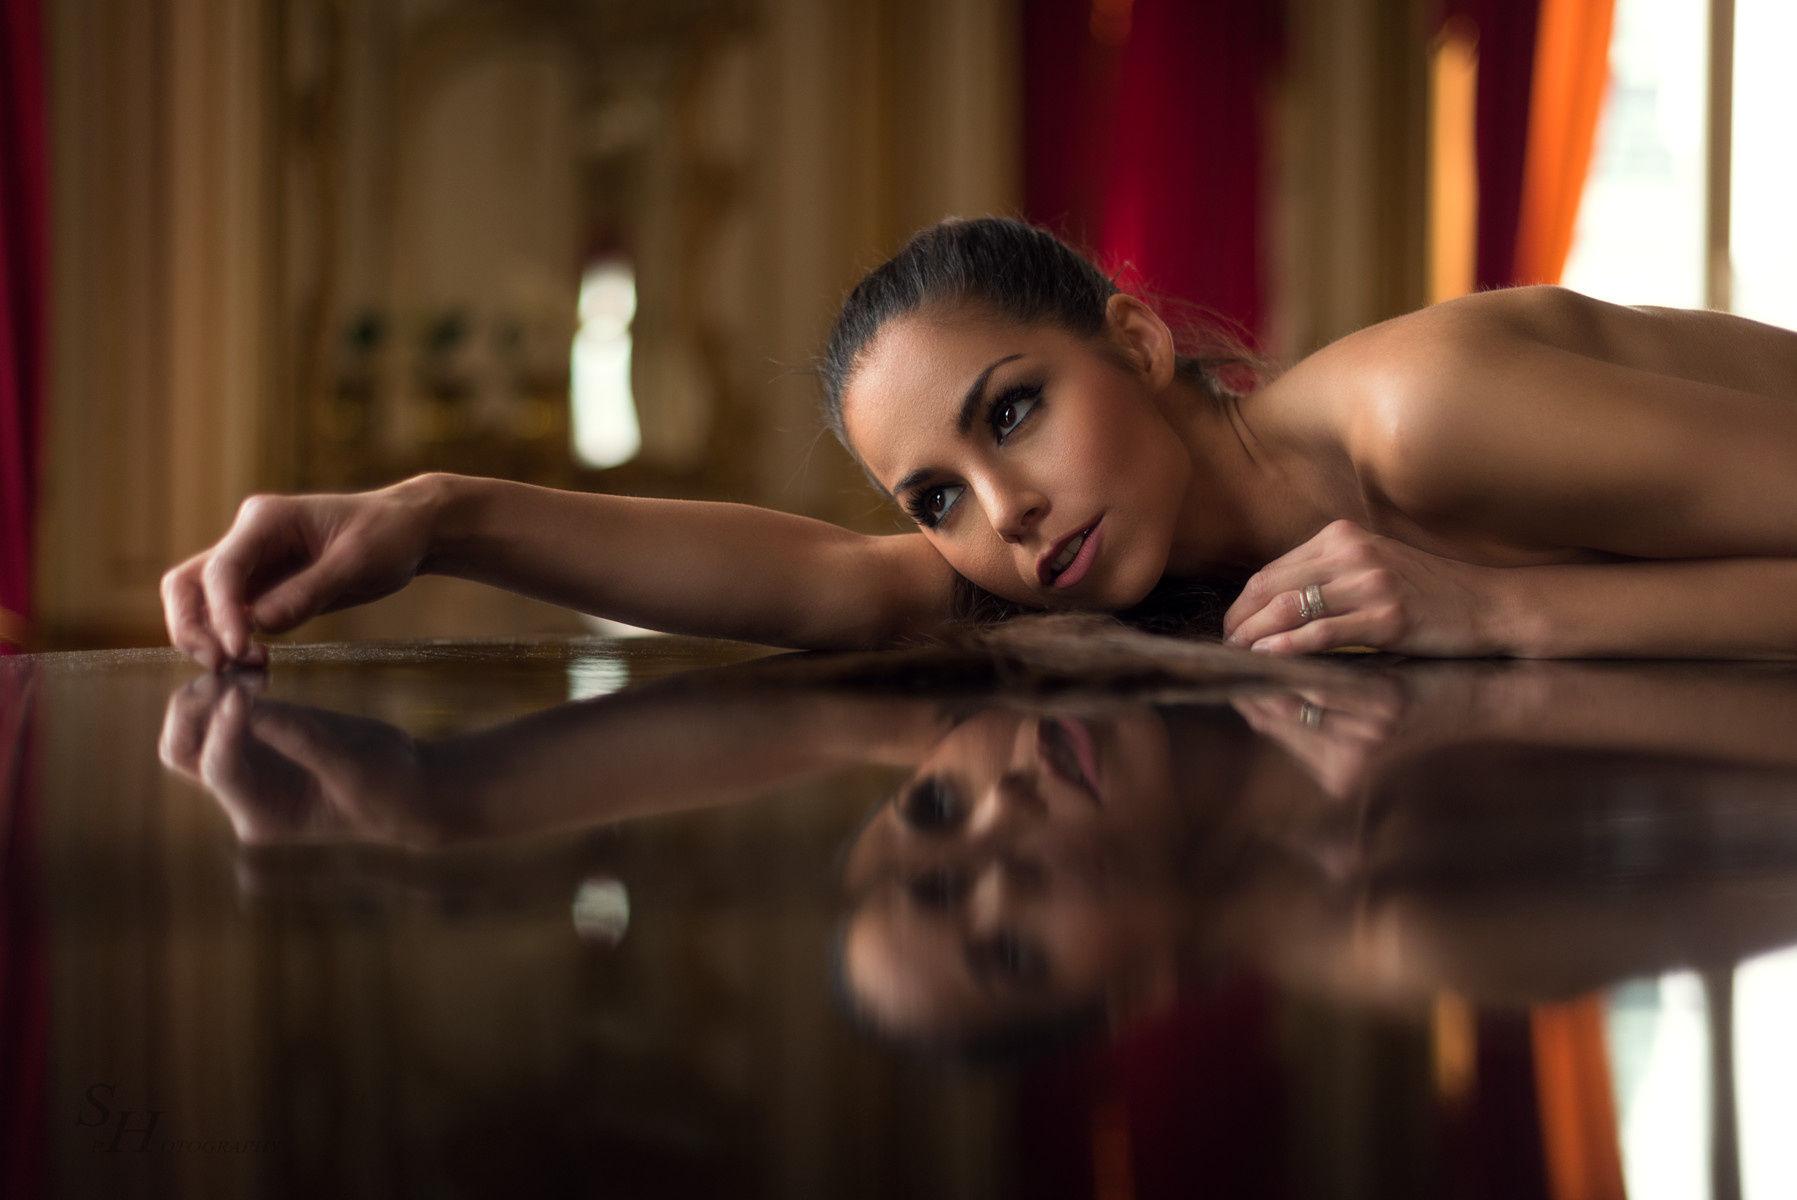 barbara-bocsi-brunette-skinny-nude-erotic-004